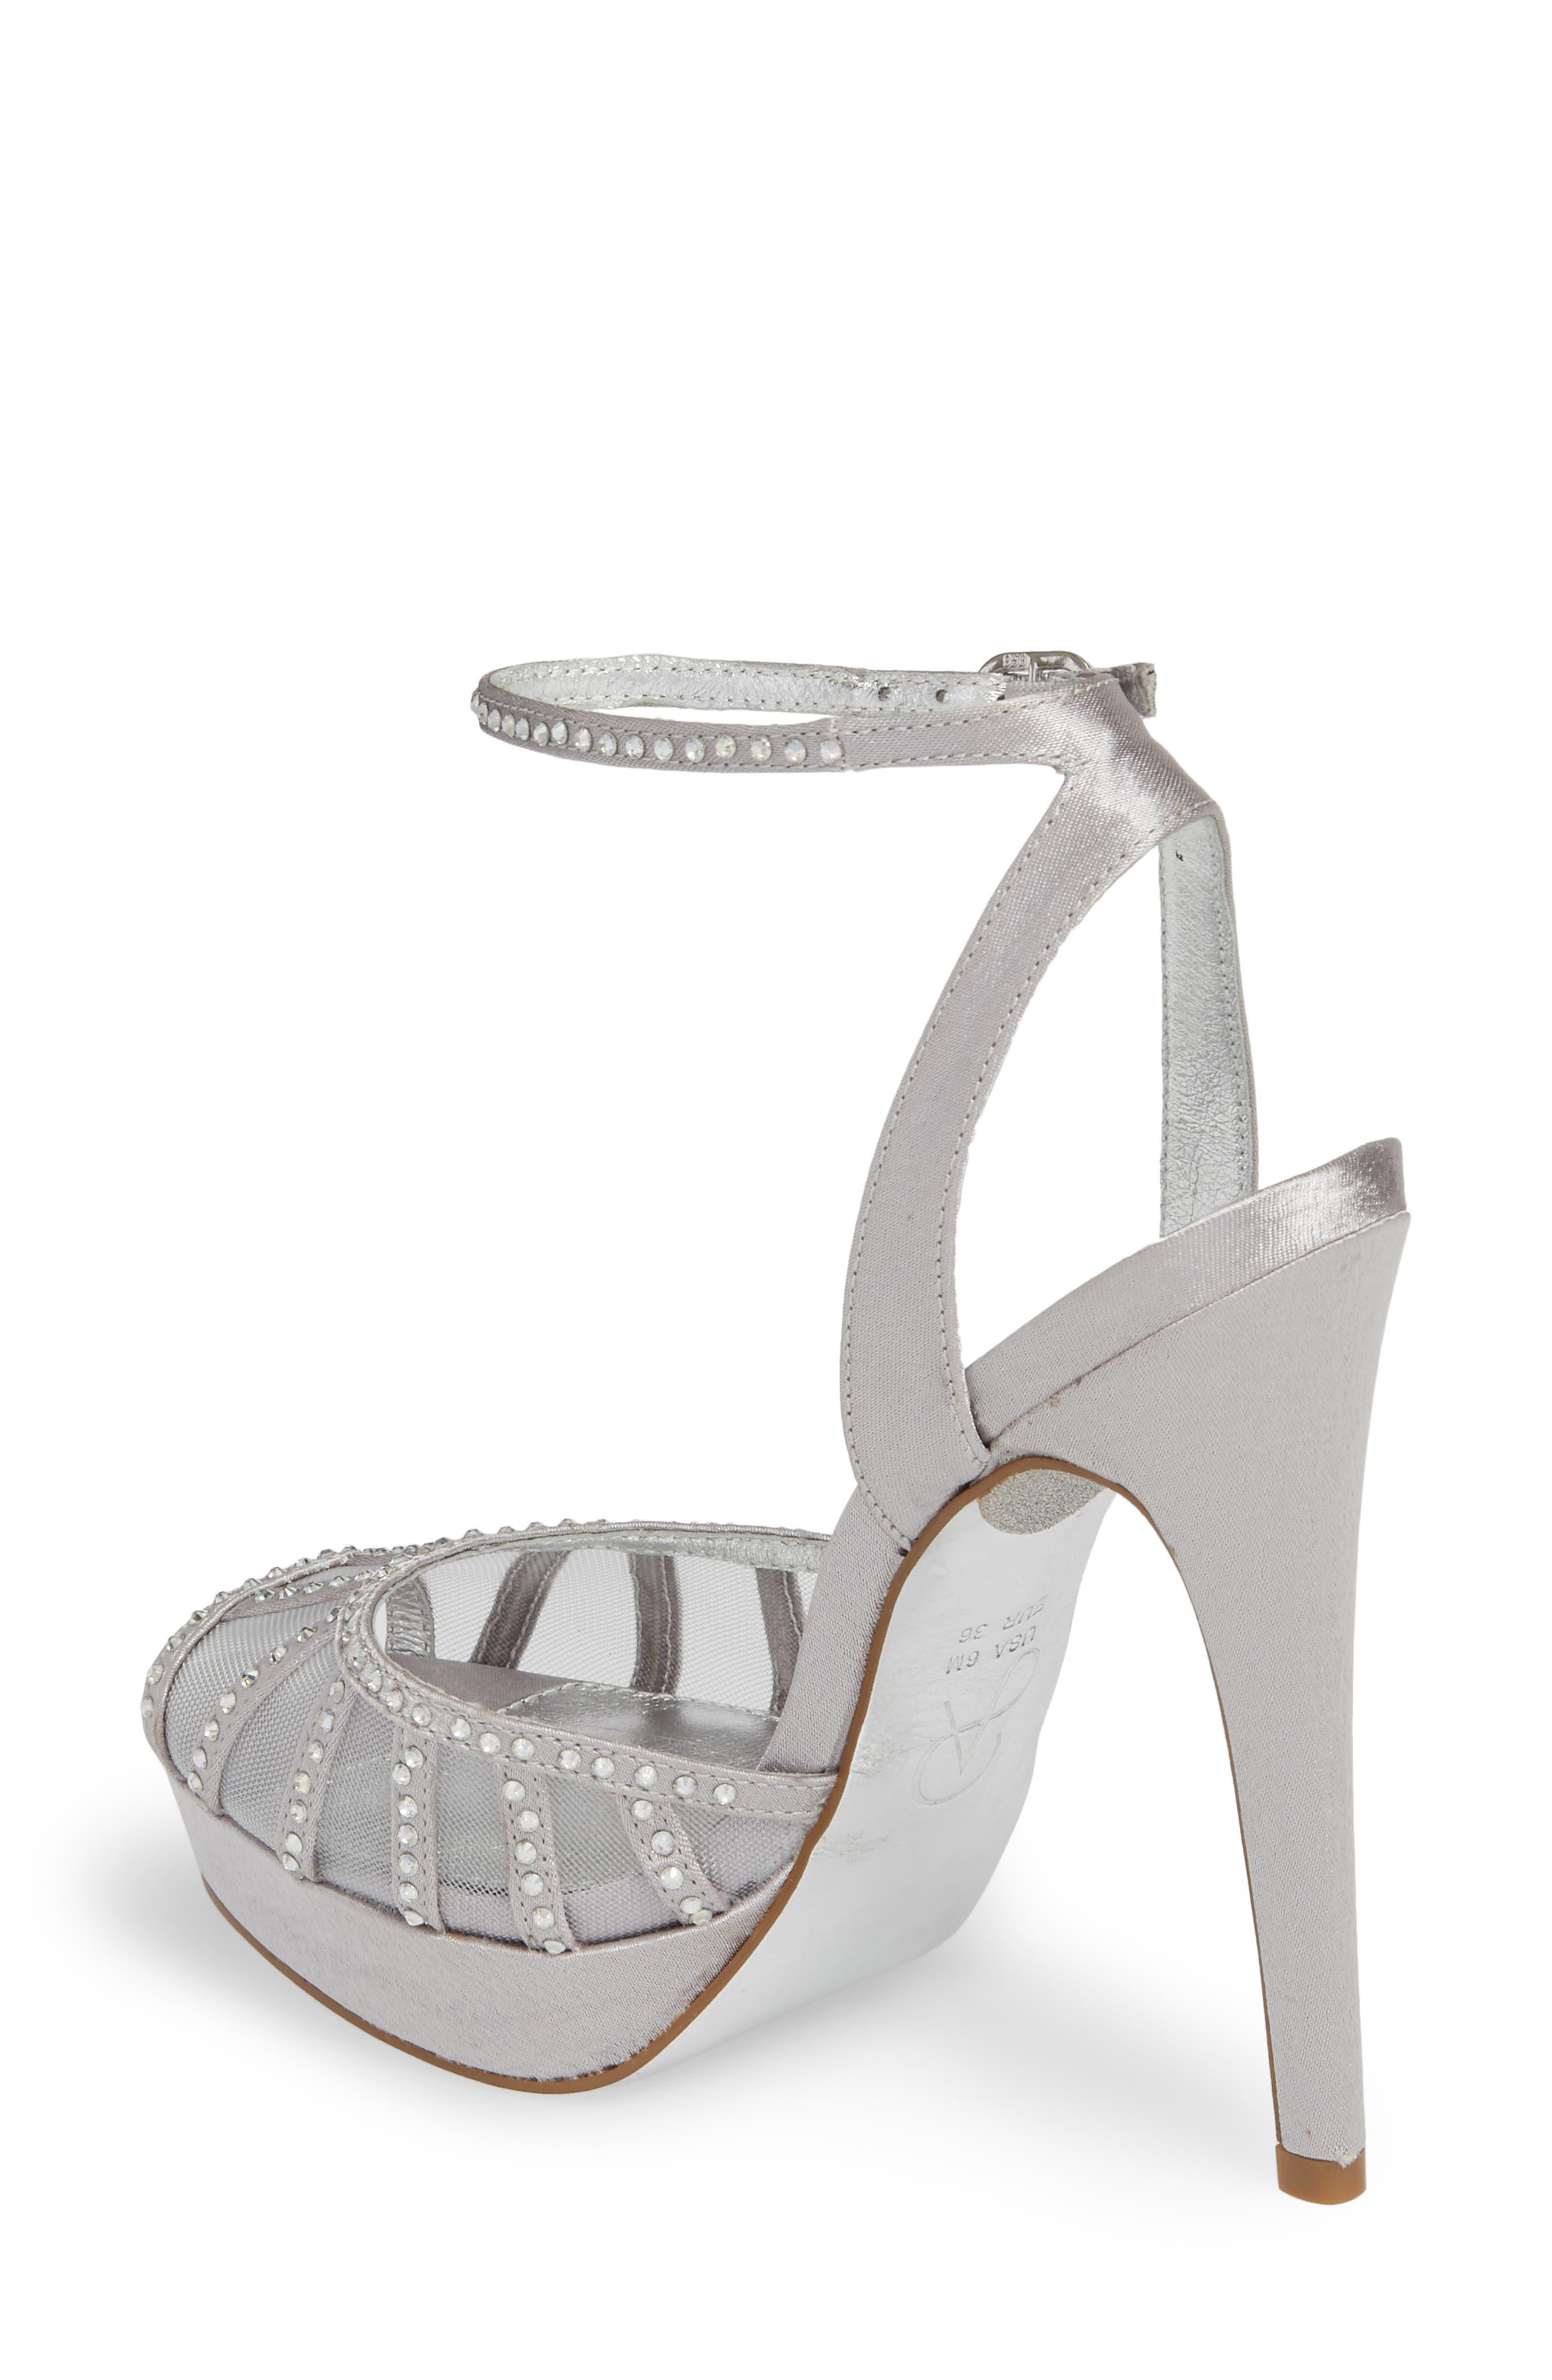 Simone Crystal Embellished Platform Sandal,                             Alternate thumbnail 6, color,